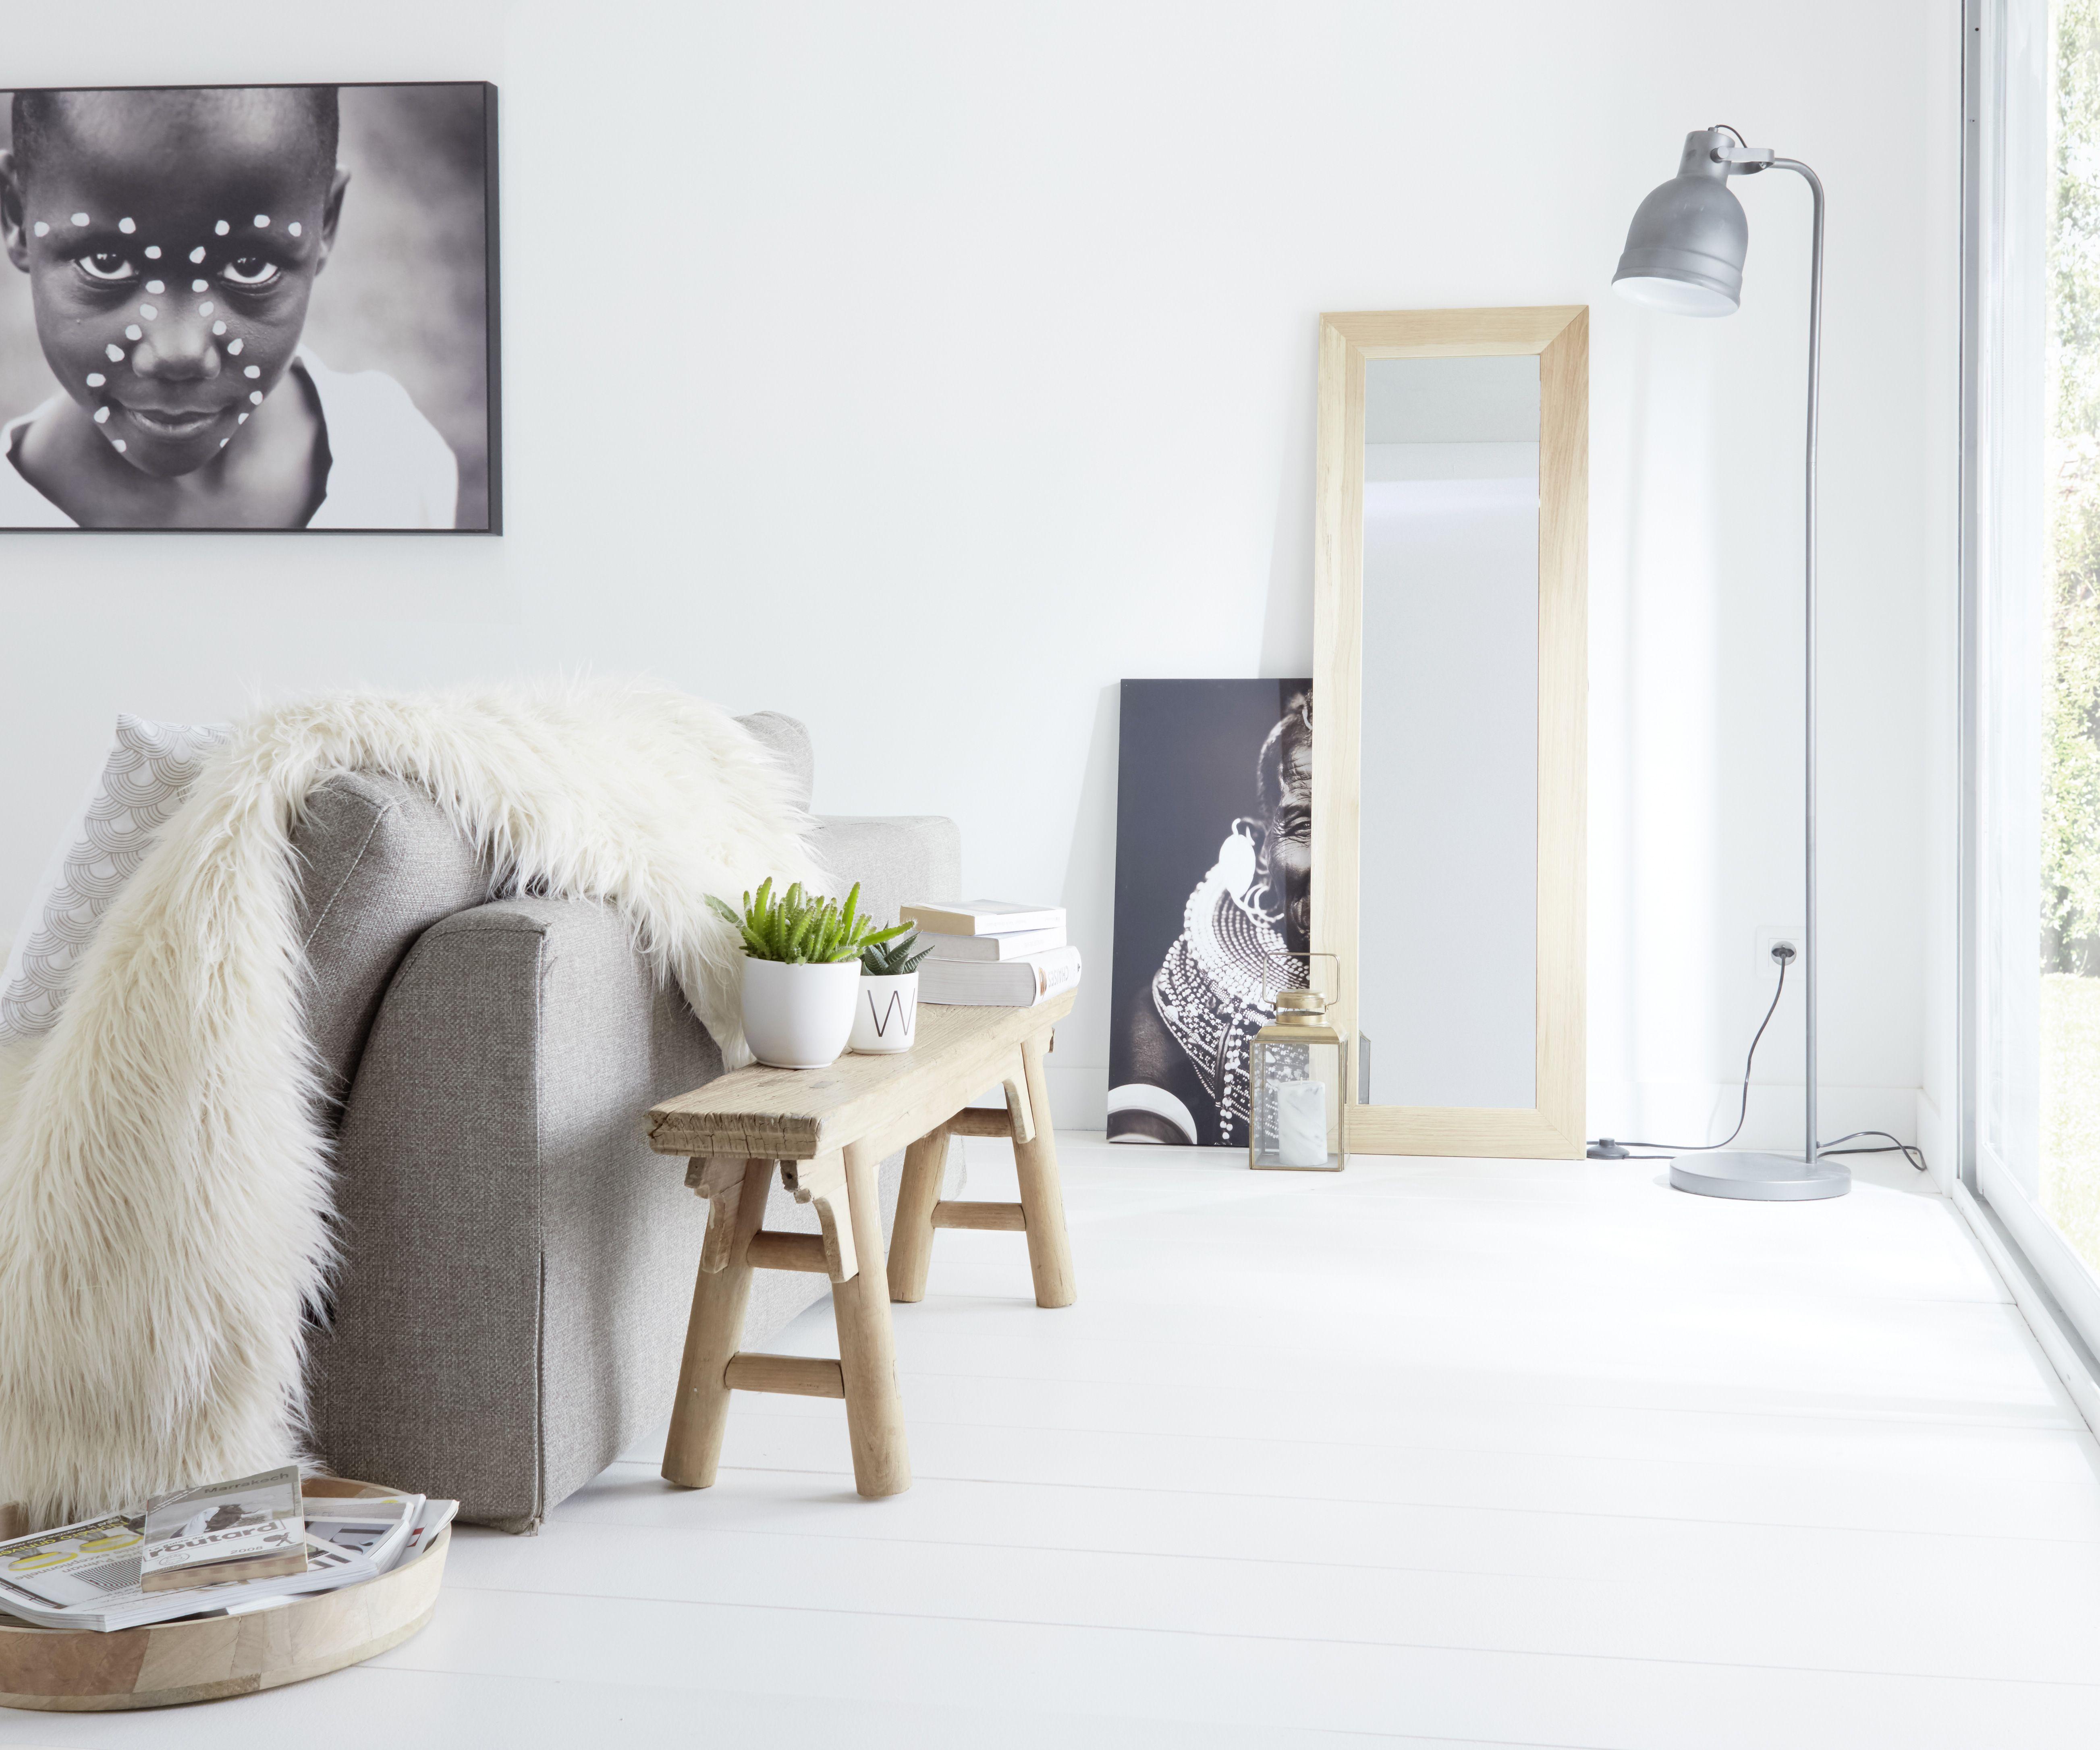 Mettez Du Blanc Mat Sur Vos Murs Un Salon Epure Et Chic Peinture Mur Et Plafond Idee De Decoration Peinture Plafond